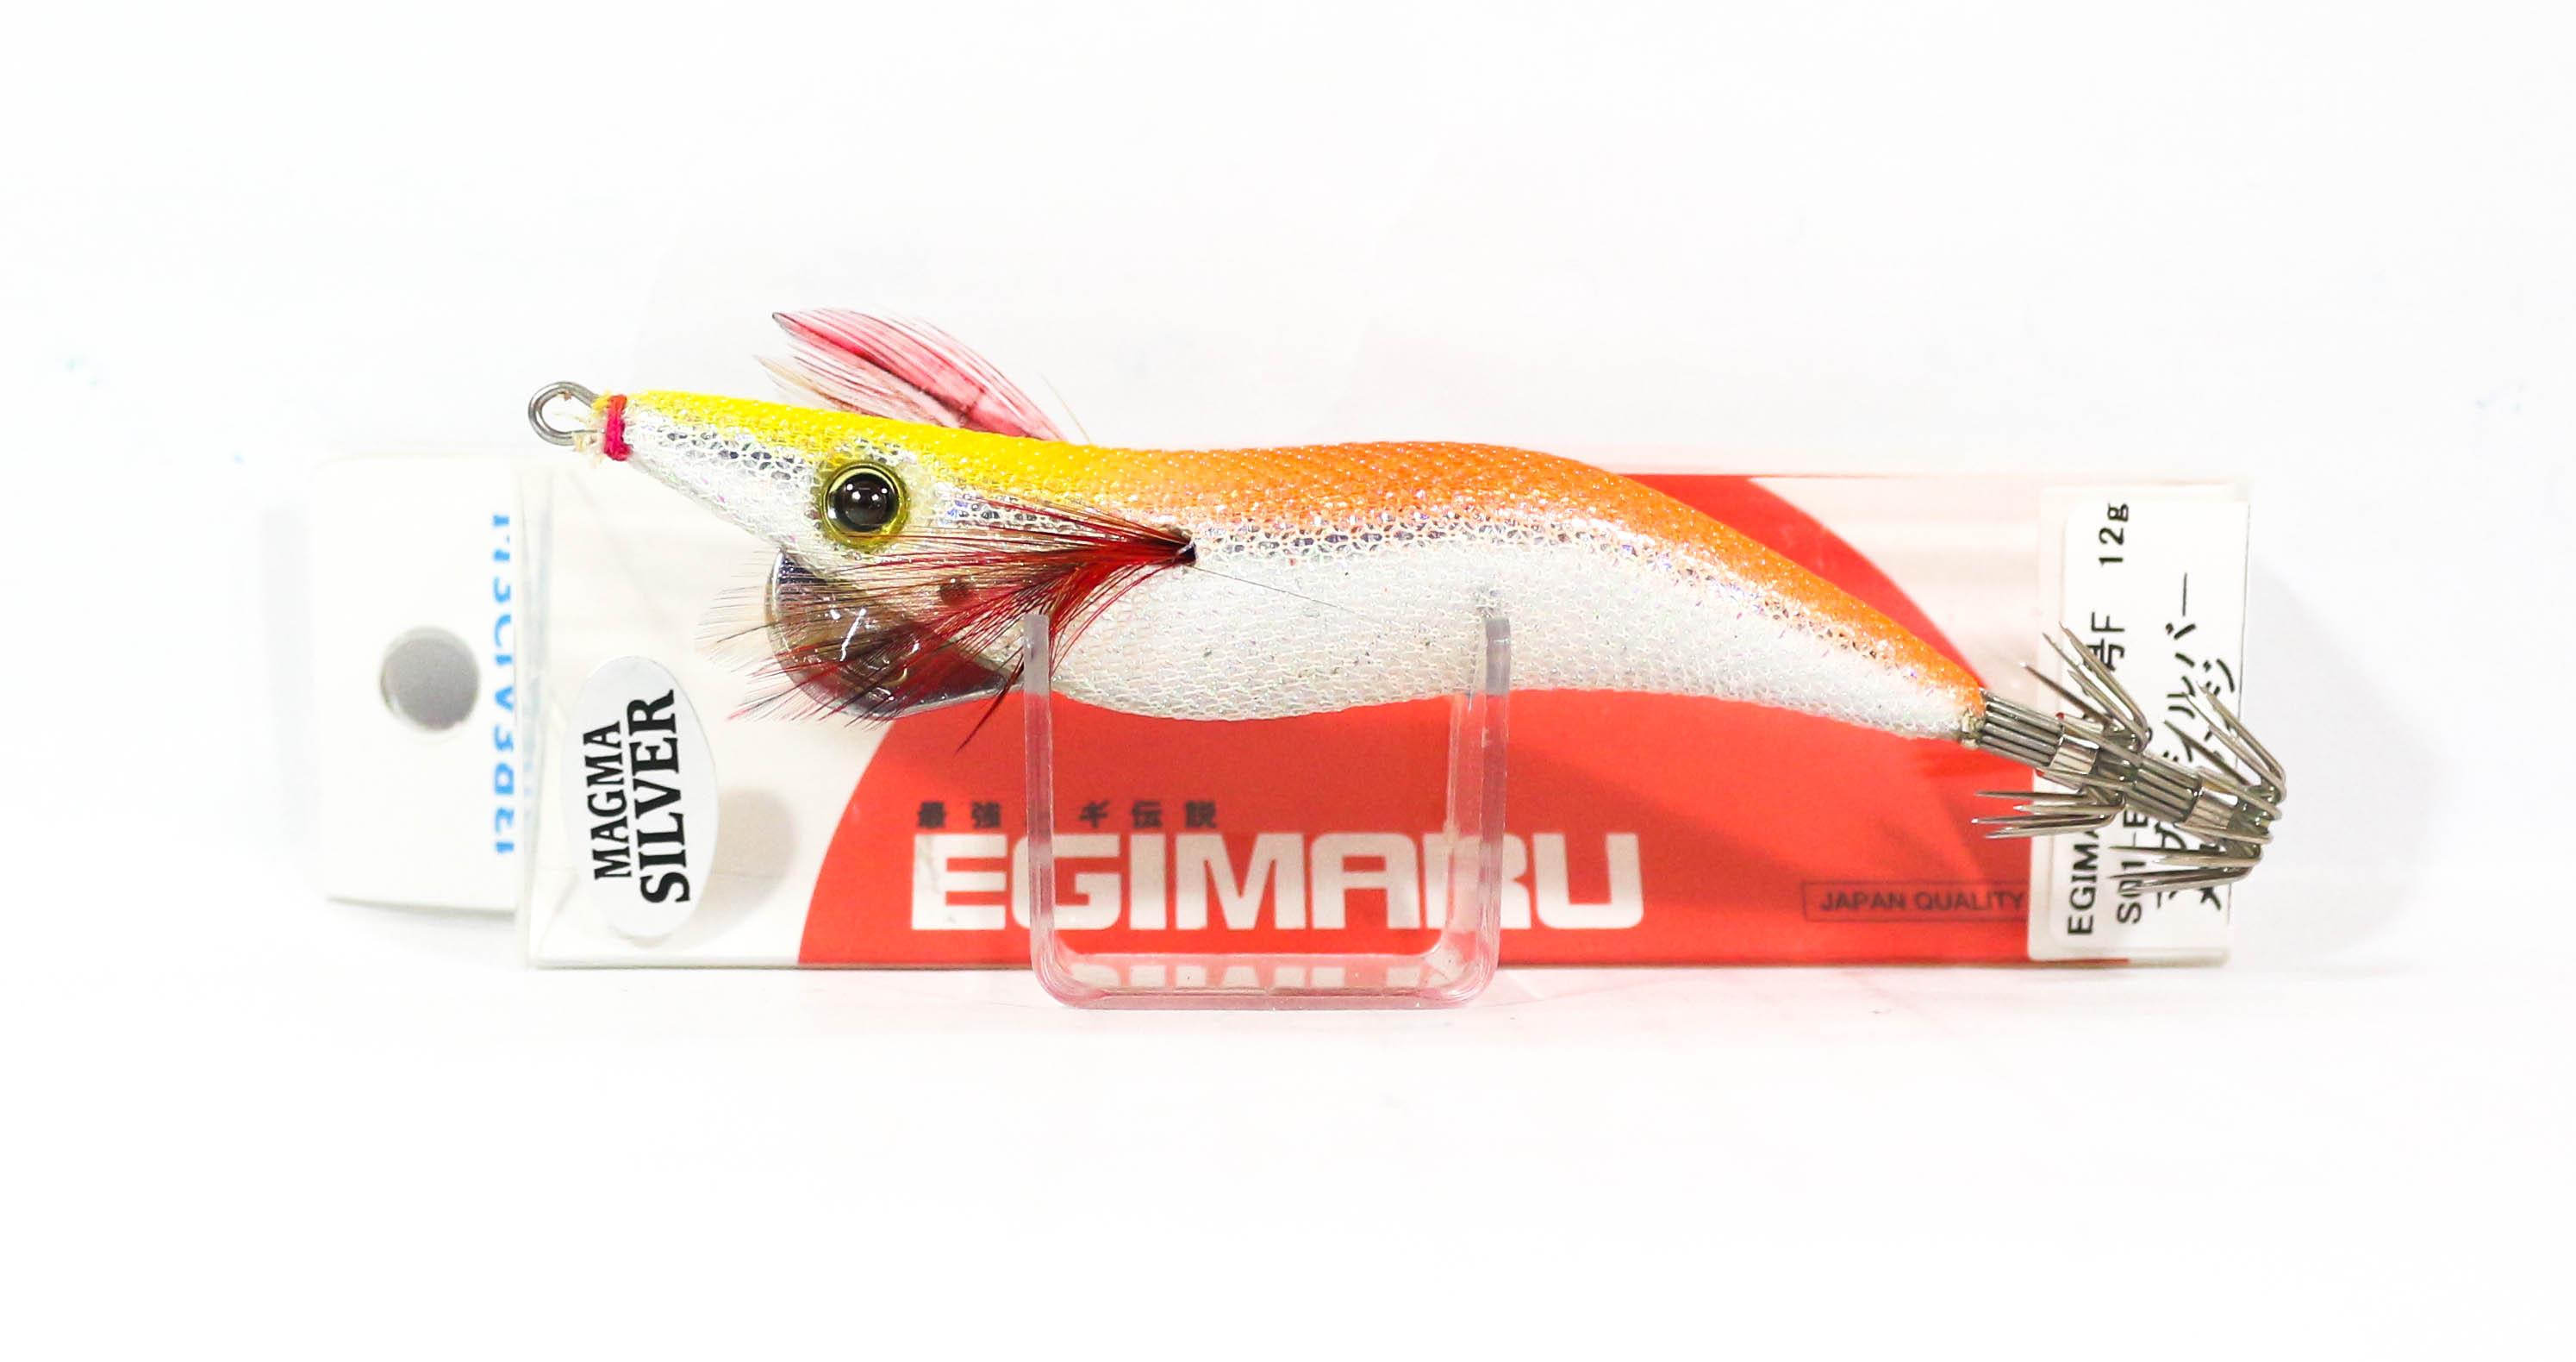 Breaden Egimaru Squid Jig Sinking Lure 3.0F S01-EO30 (5094)